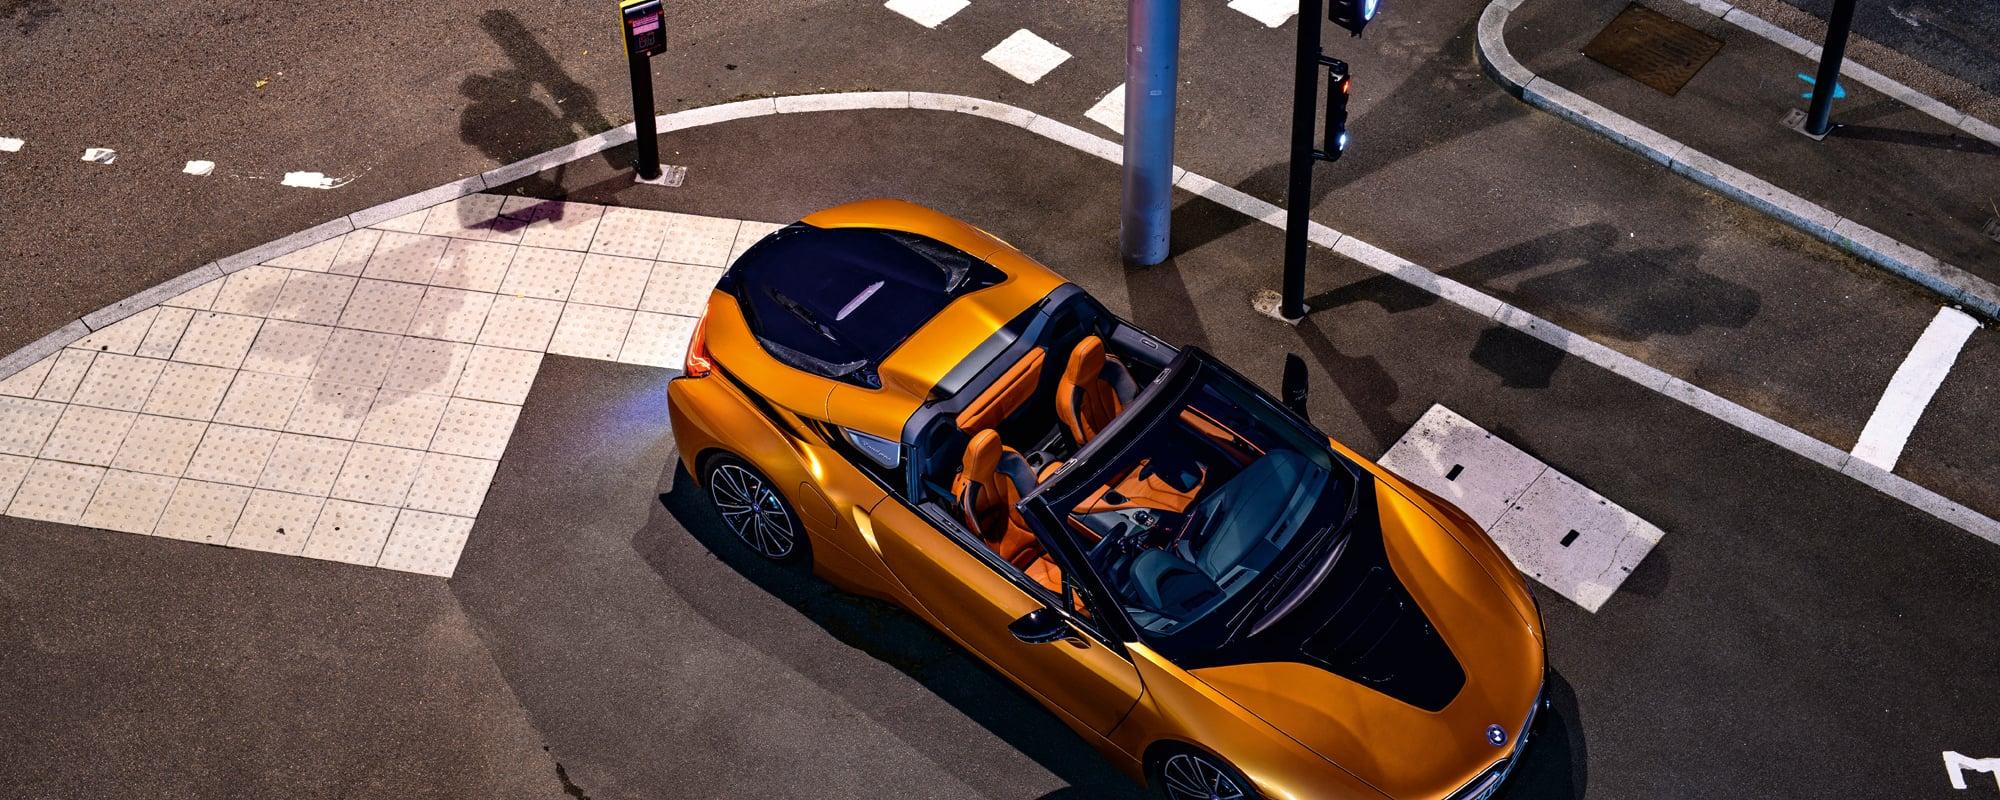 BMW i8 Roadster, BMW, Moritz Waldemeyers, Auto, Probefahrt